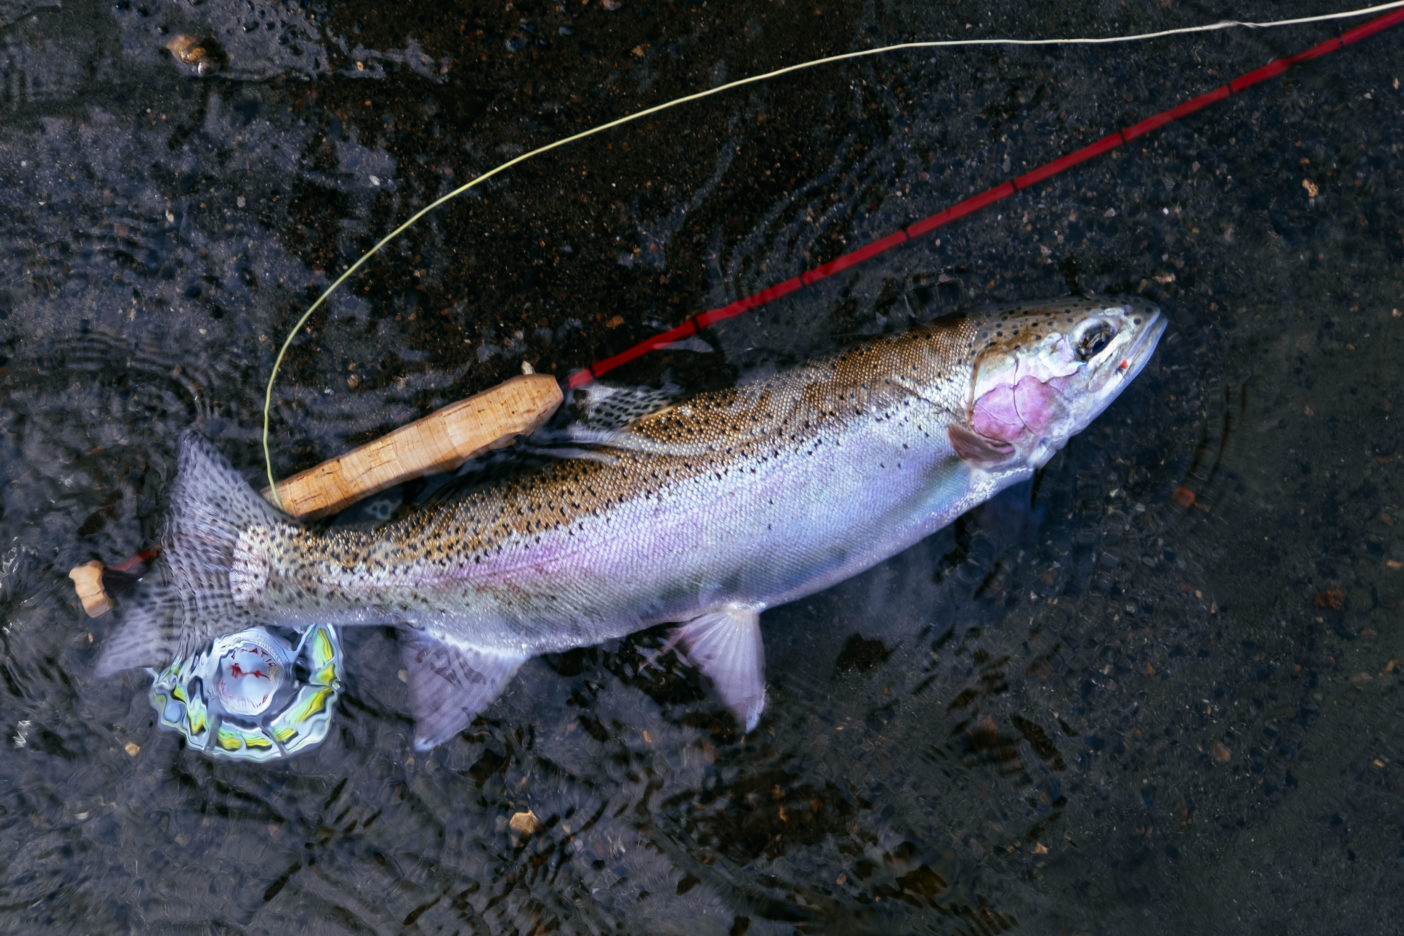 ニジマスは日本の天然魚ではないが、およそ100年前に北海道に移植されて以降、野生化して生息域を広げてきた。ところが今では環境省により要注意外来生物に指定され、人間はあまりに勝手過ぎる、と怒っている。 写真:阪東幸成